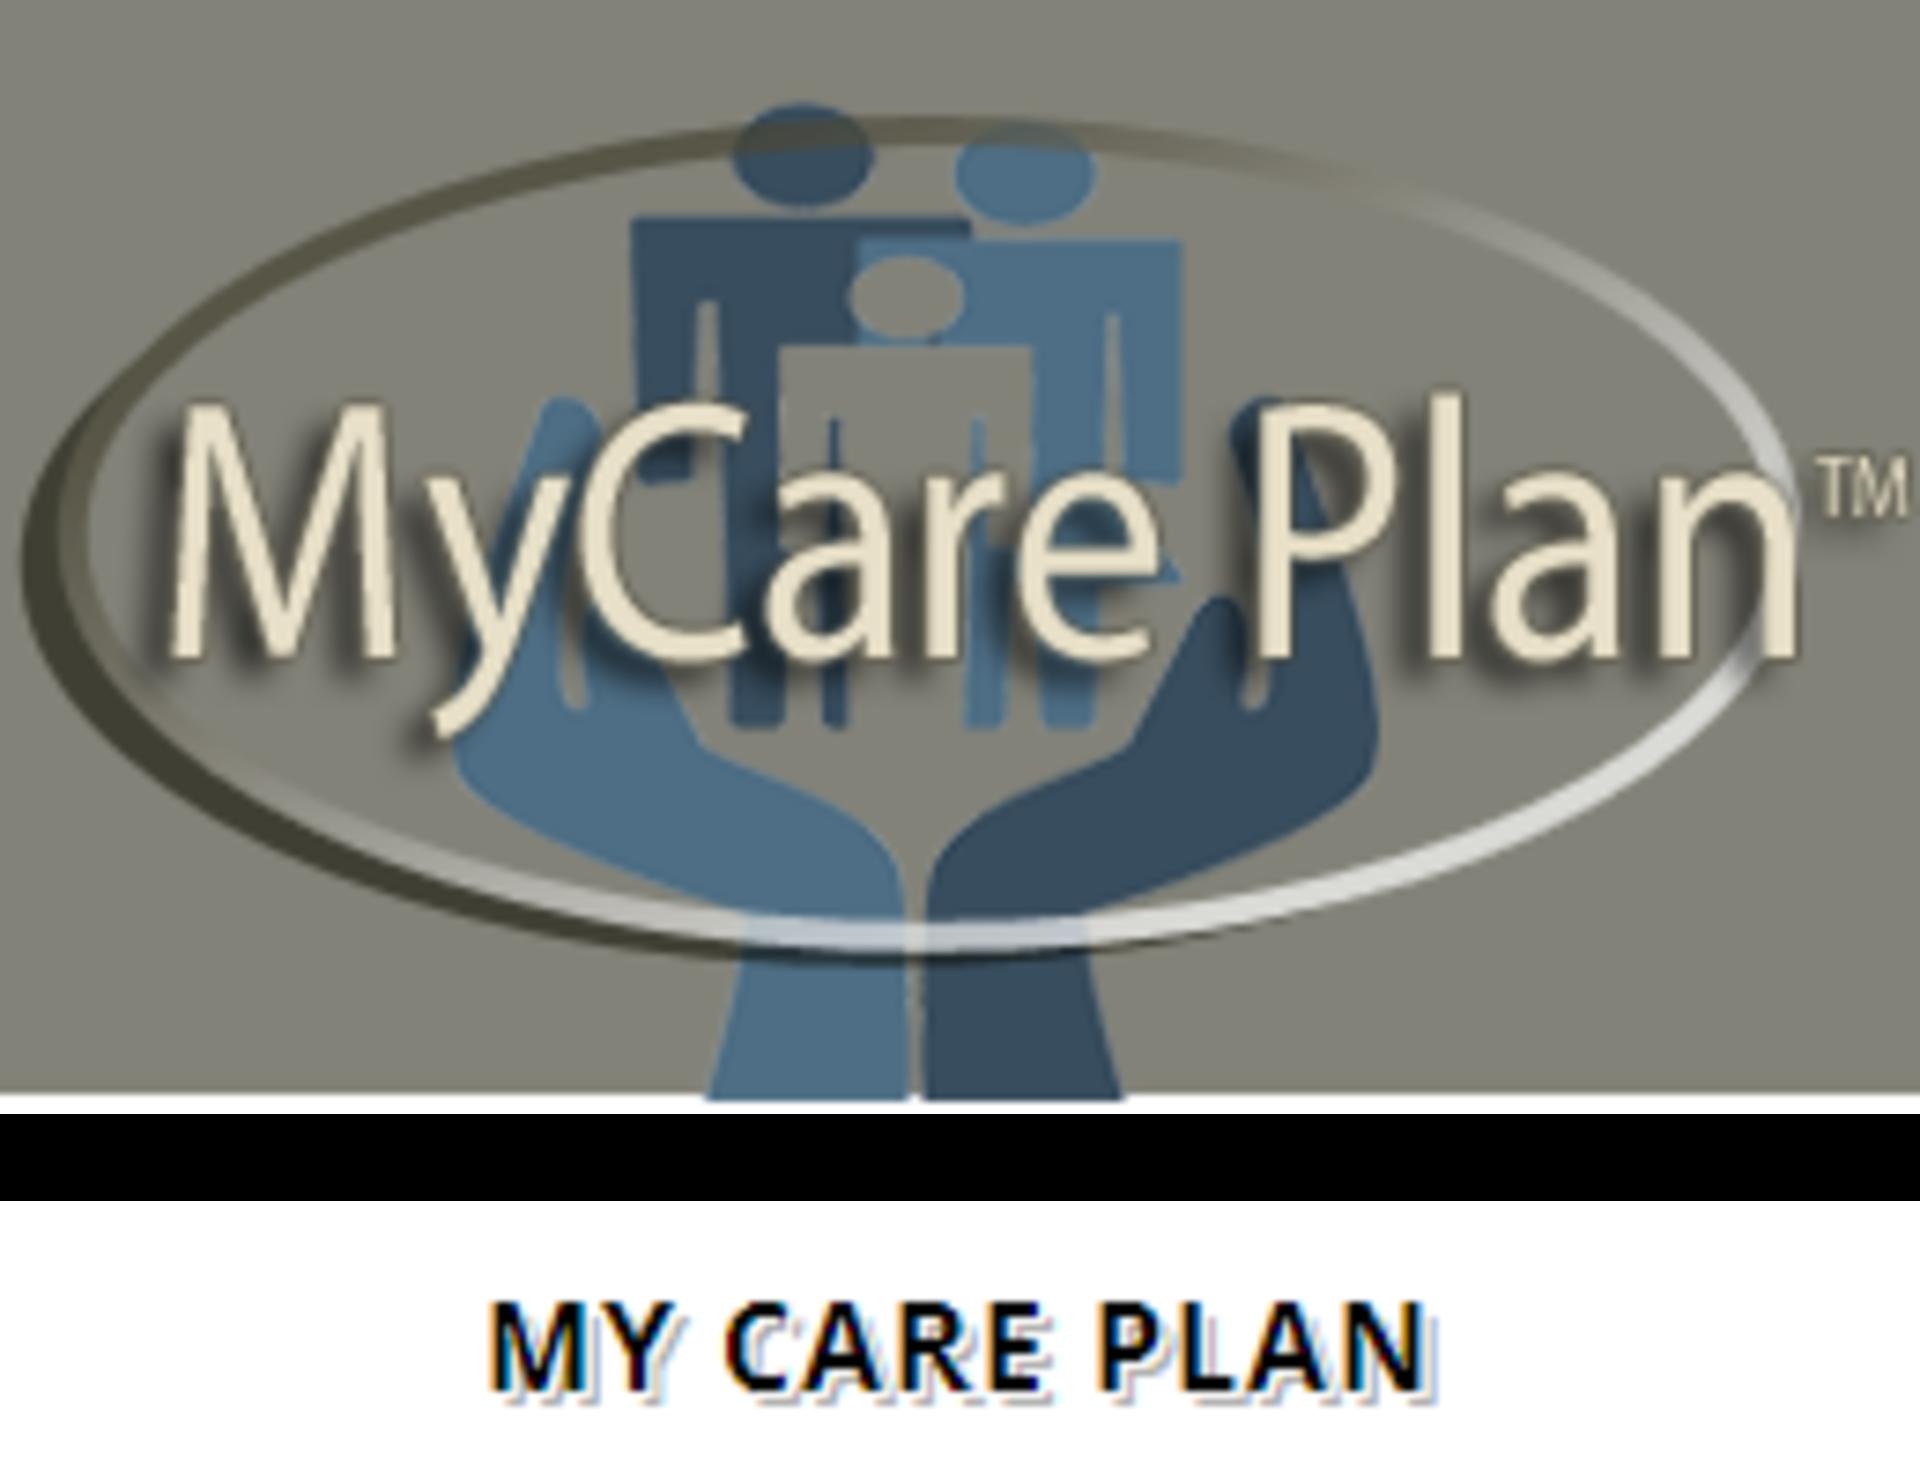 MyCarePlan